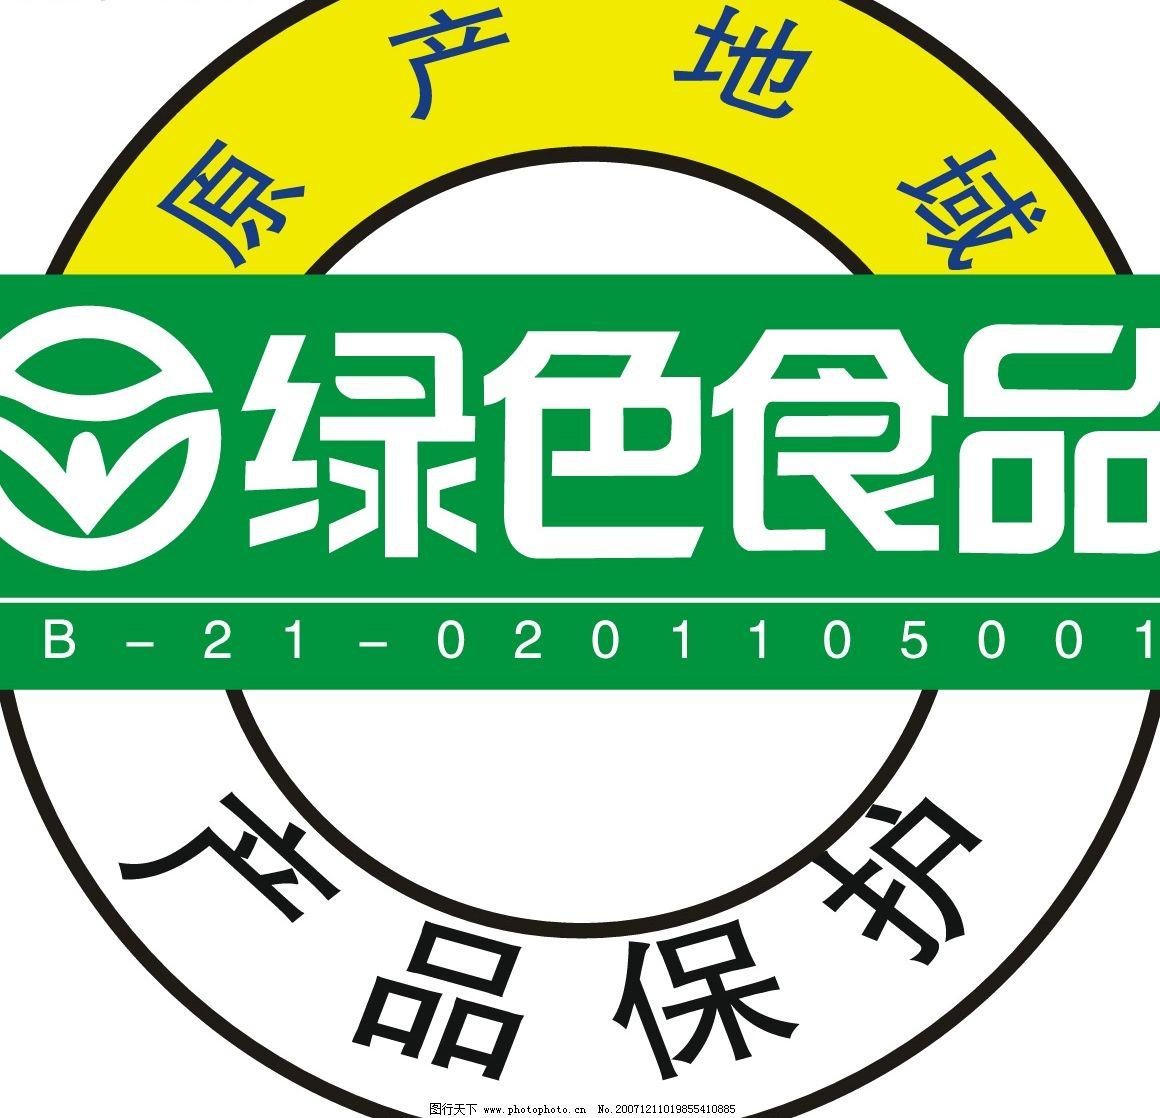 绿色食品标志 绿色食品 标识标志图标 公共标识标志 矢量图库   cdr